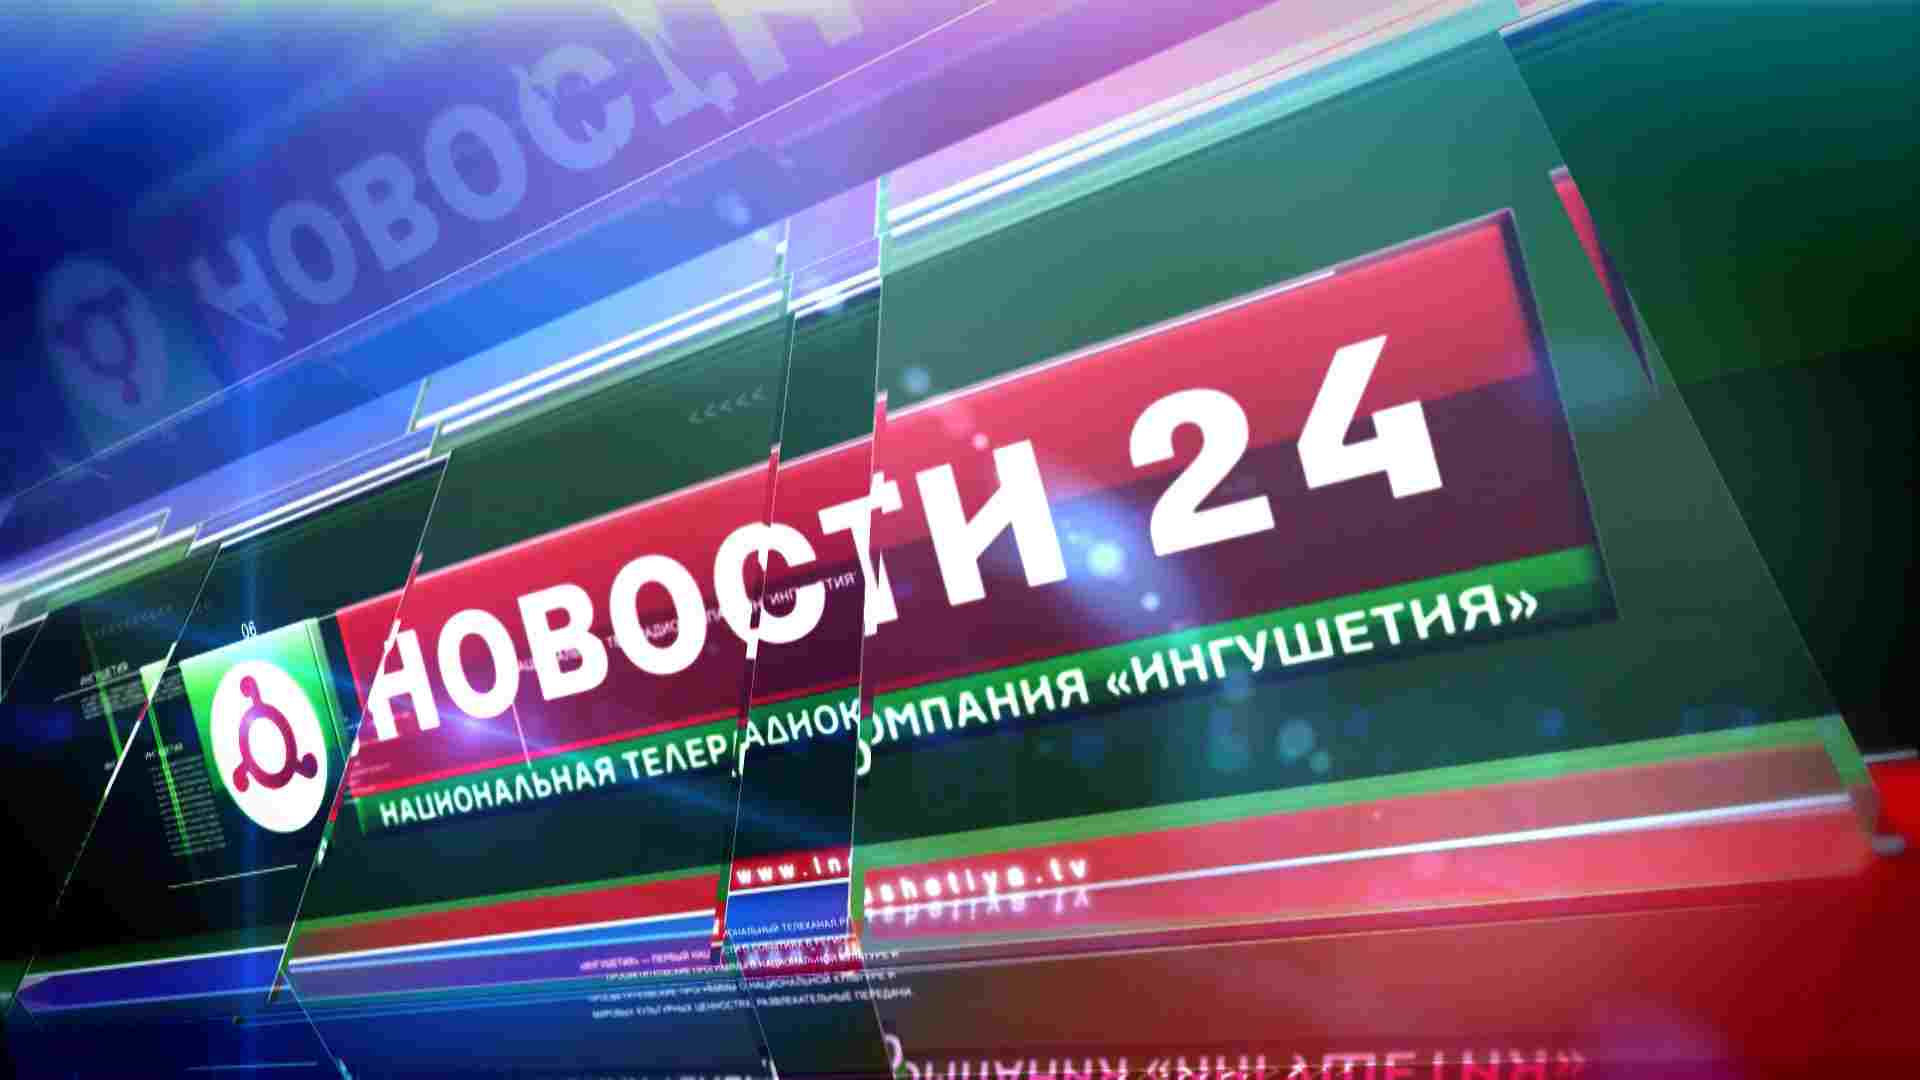 Видео новости 1 канал удмуртия